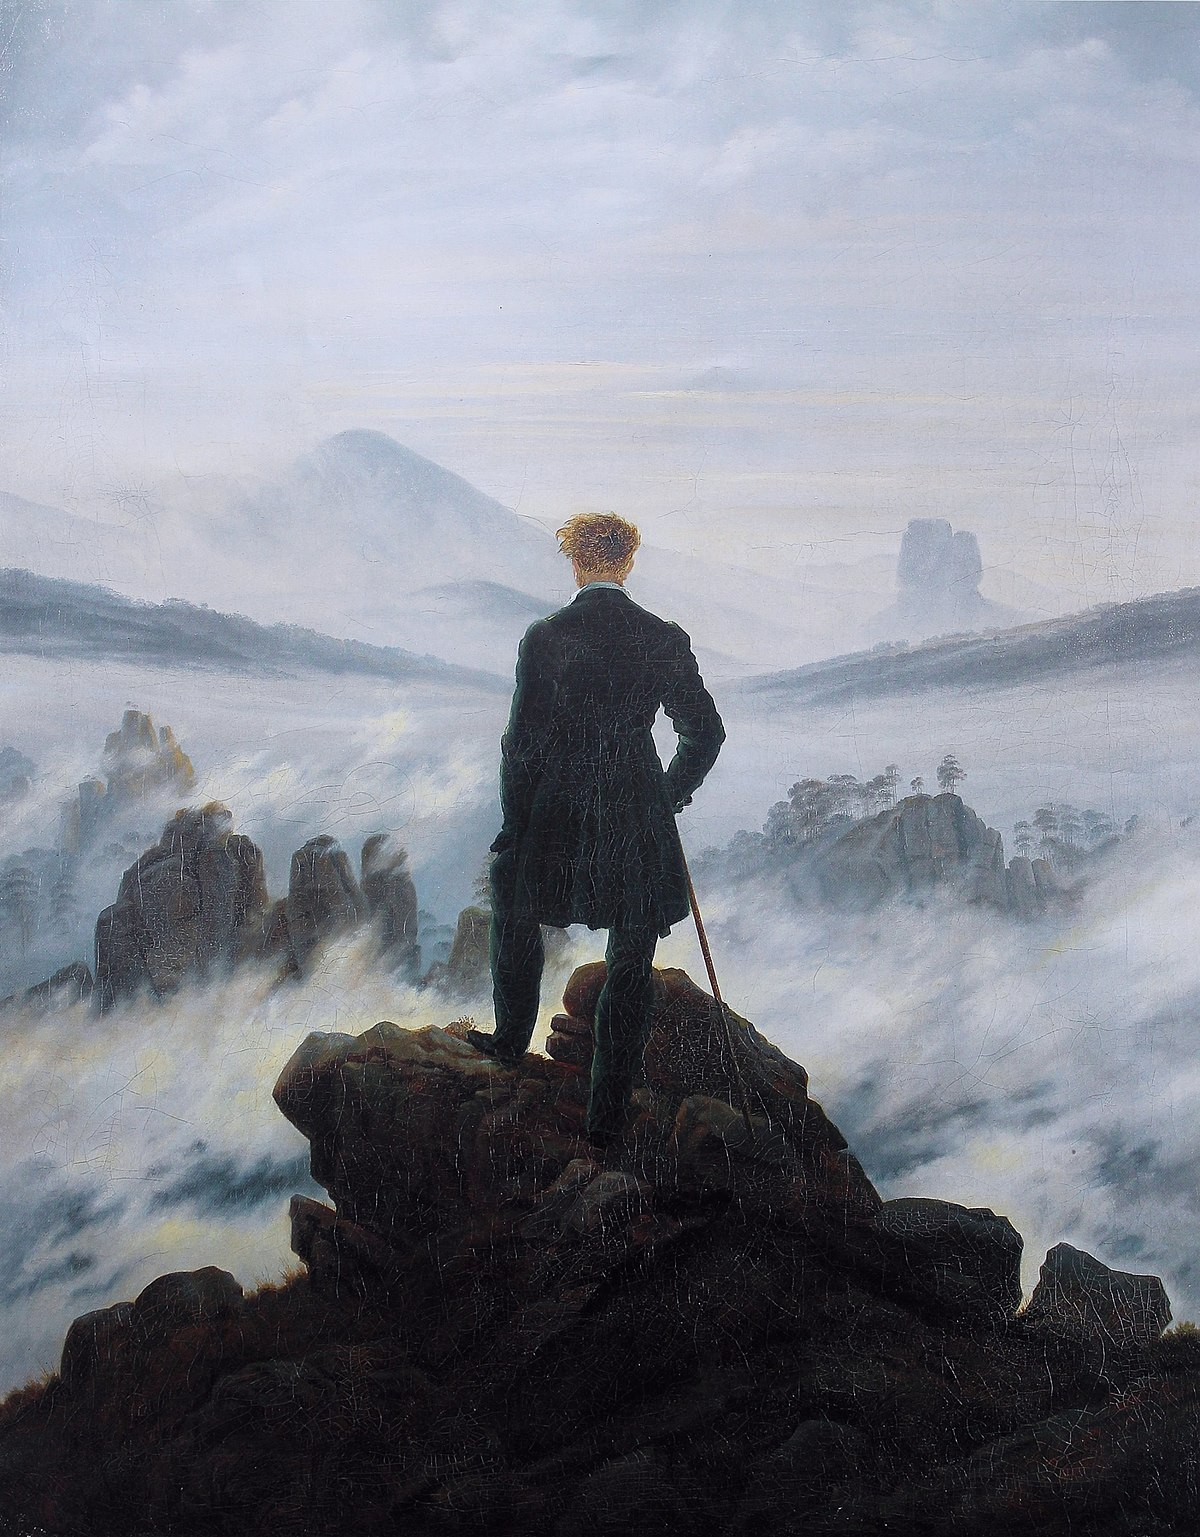 Le voyageur contemplant une mer de nuages, Caspar David Friedrich, 1818